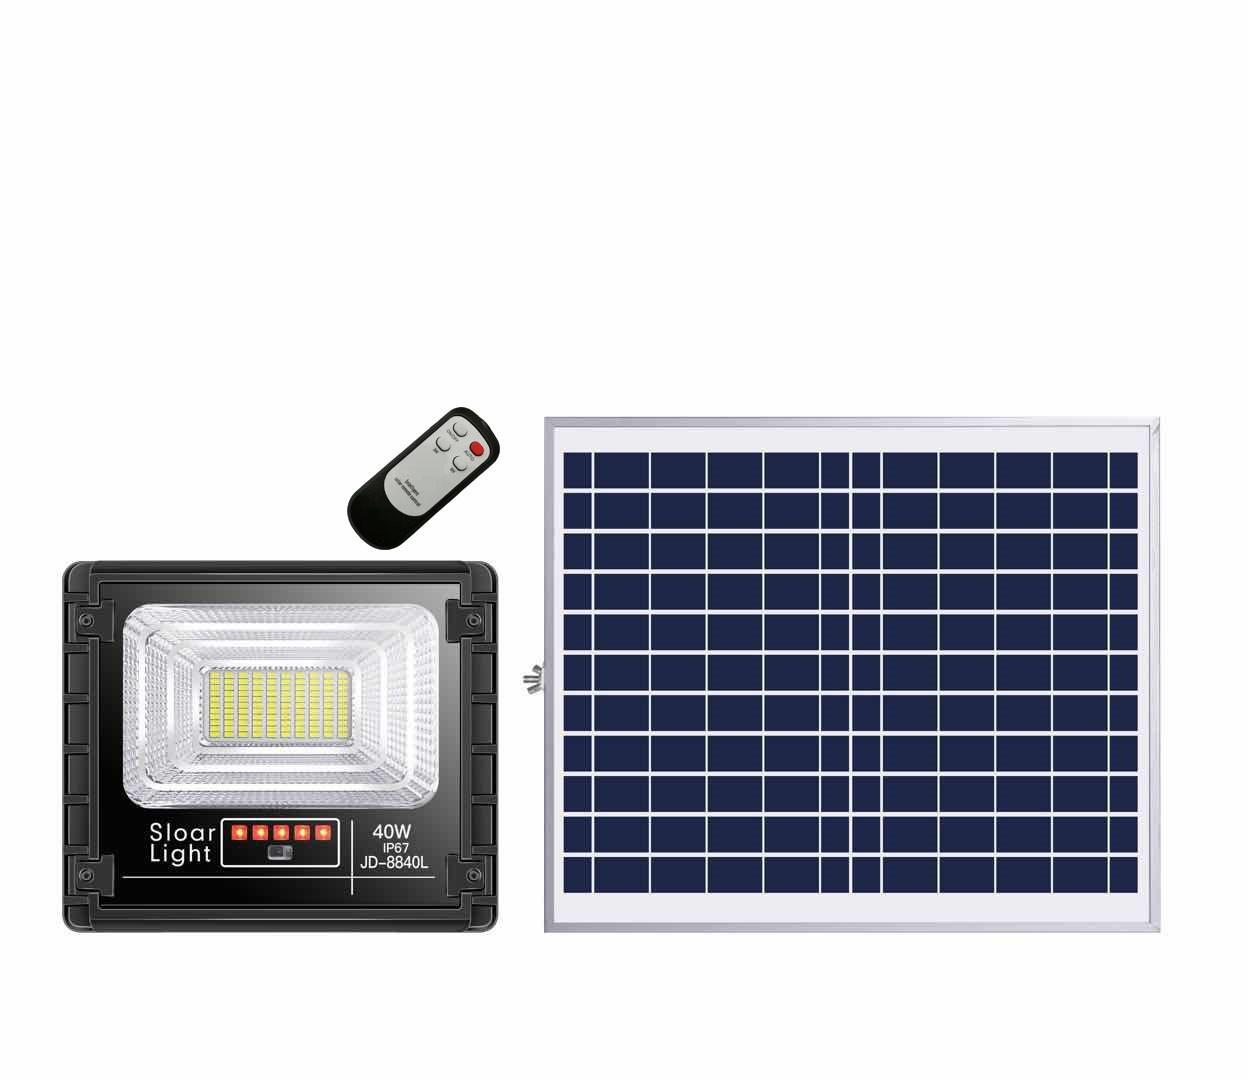 Eclairage Solaire Pour Tonnelle projecteur solaire led blanc froid intérieur/extérieur extra plat - top24h